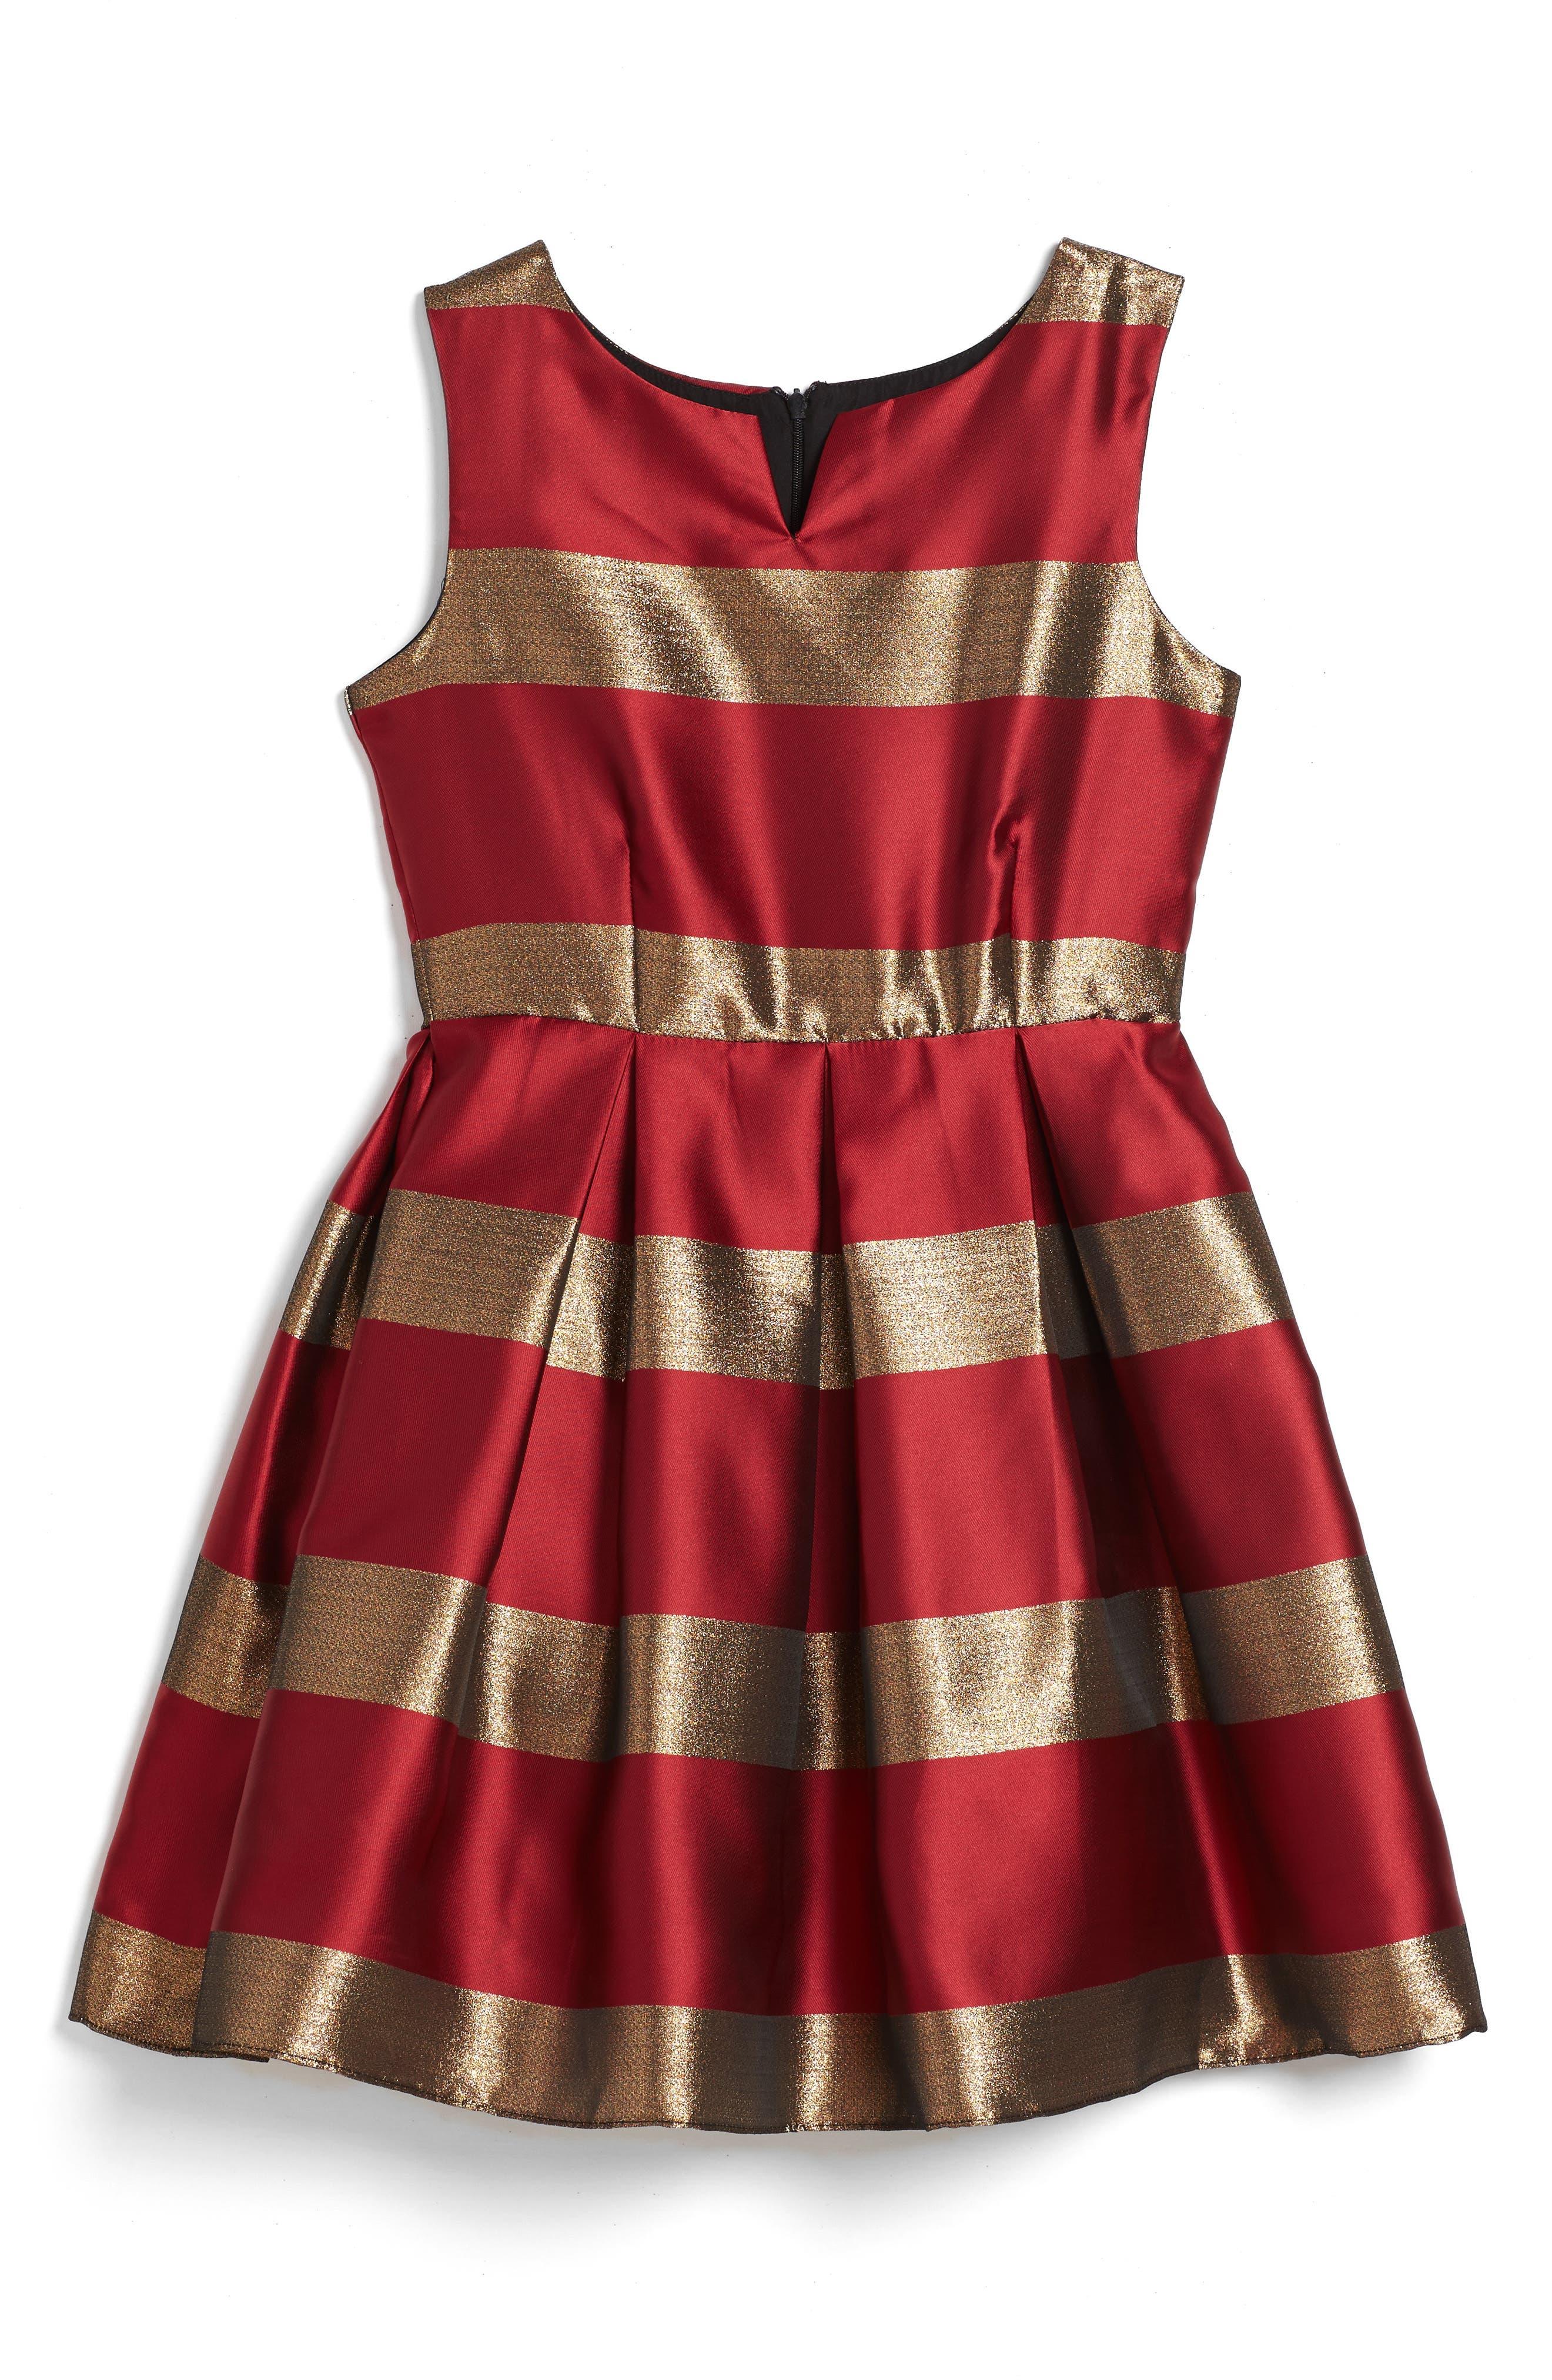 Alternate Image 1 Selected - Frais Stripe Fit & Flare Dress (Big Girls)